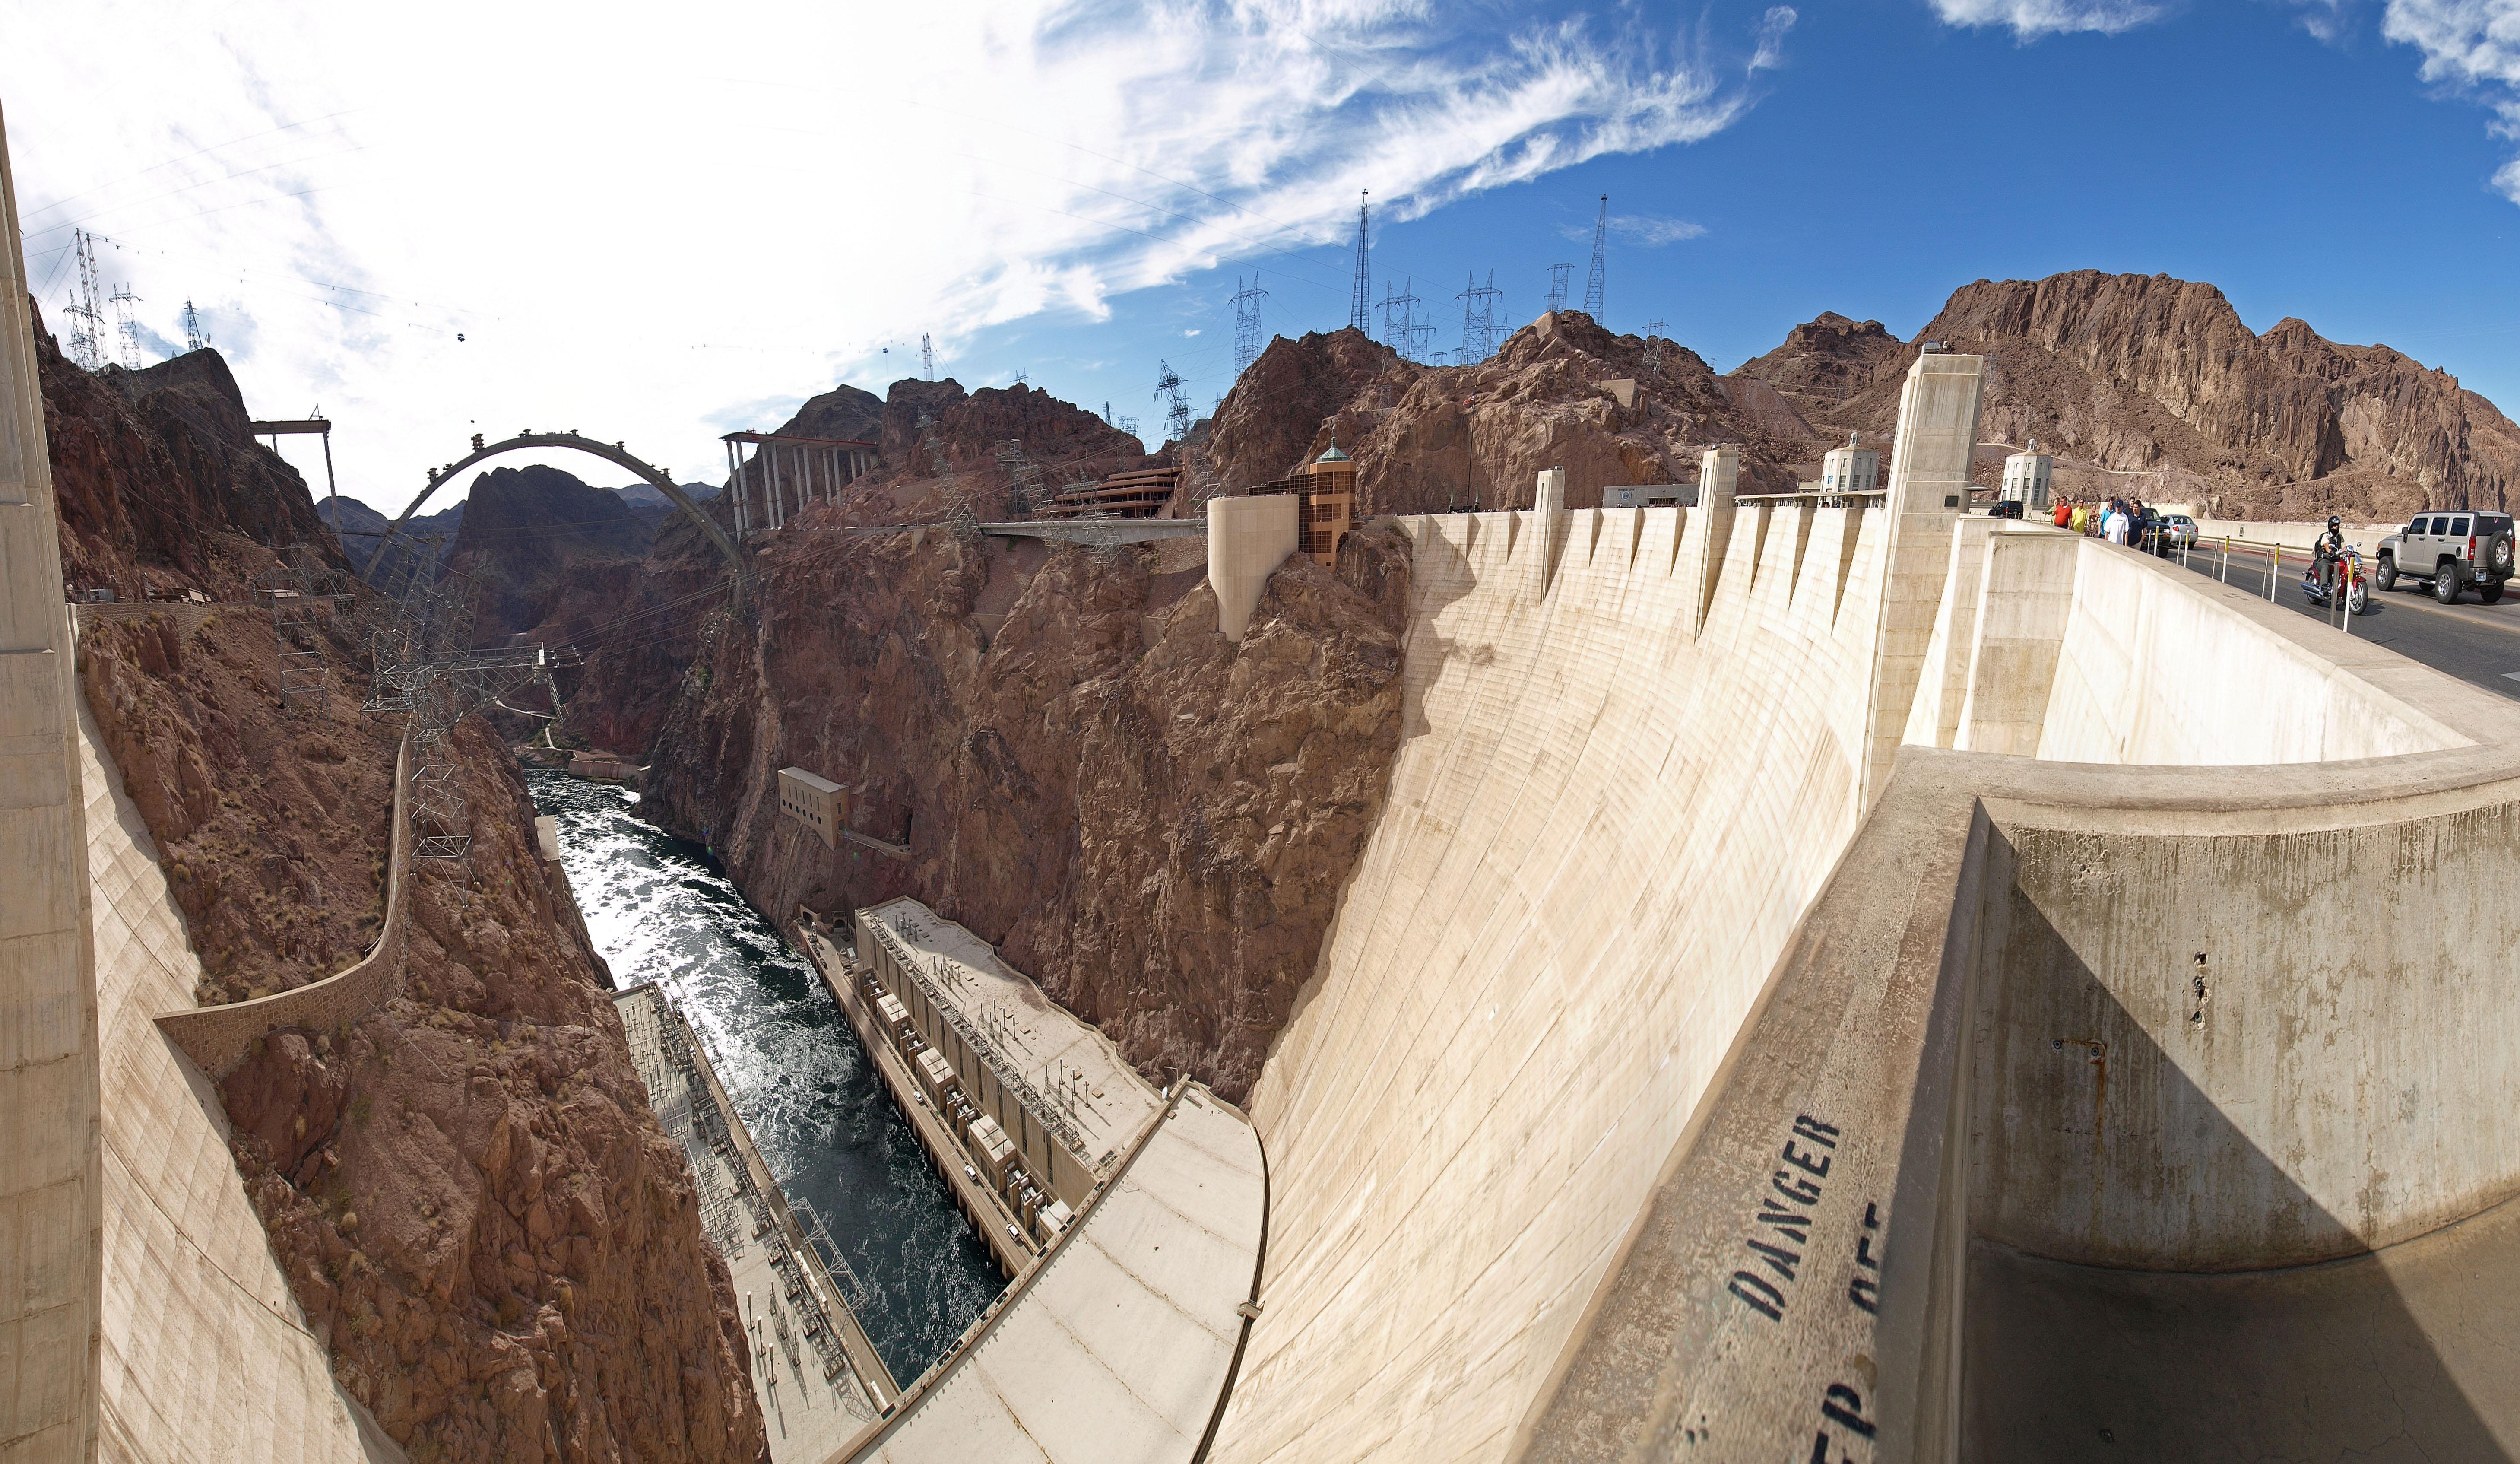 фото заграждающей части плотины Гувера